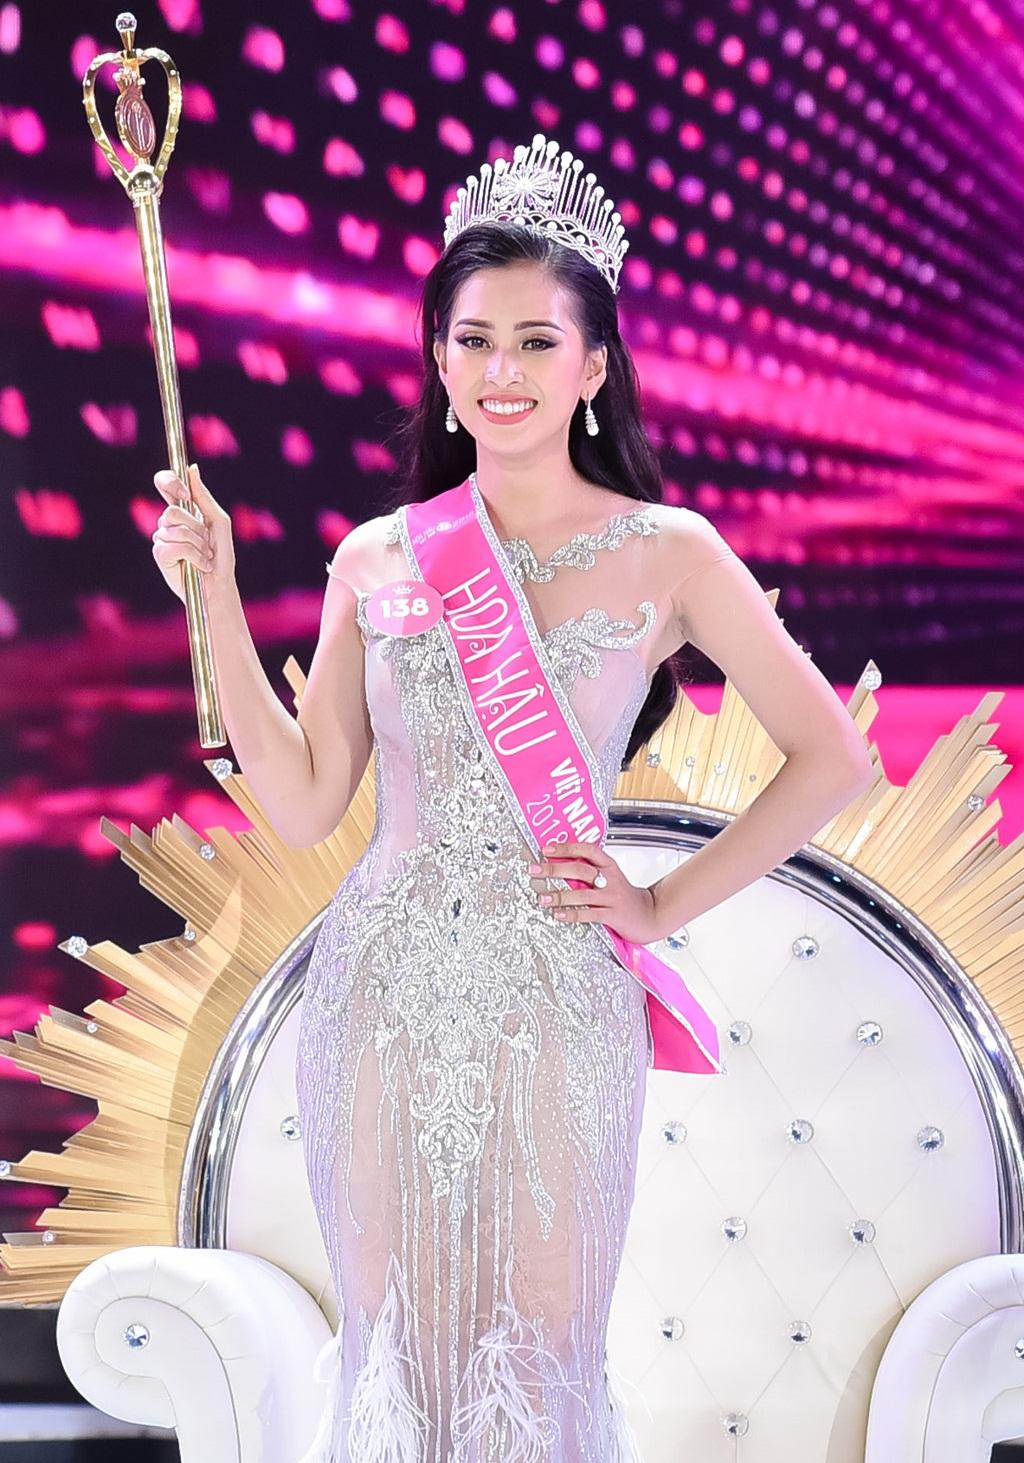 Sốt với sự sành điệu, trẻ trung của bố mẹ Hoa hậu Trần Tiểu Vy, chất chơi không thua con gái - Ảnh 1